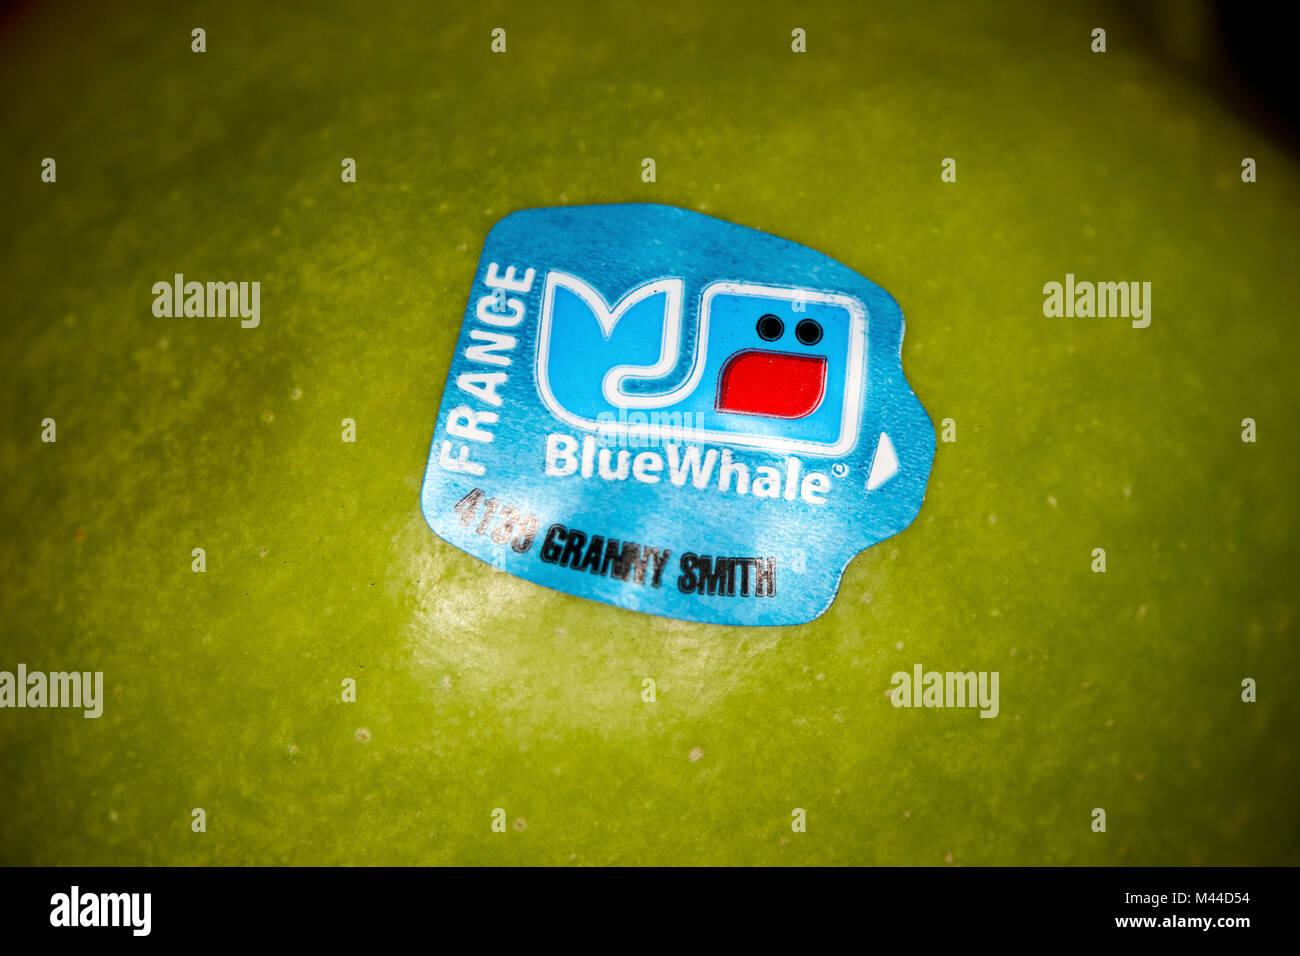 Blauwal Aufkleber Auf Einem Grünen Granny Smith Apfel Aus